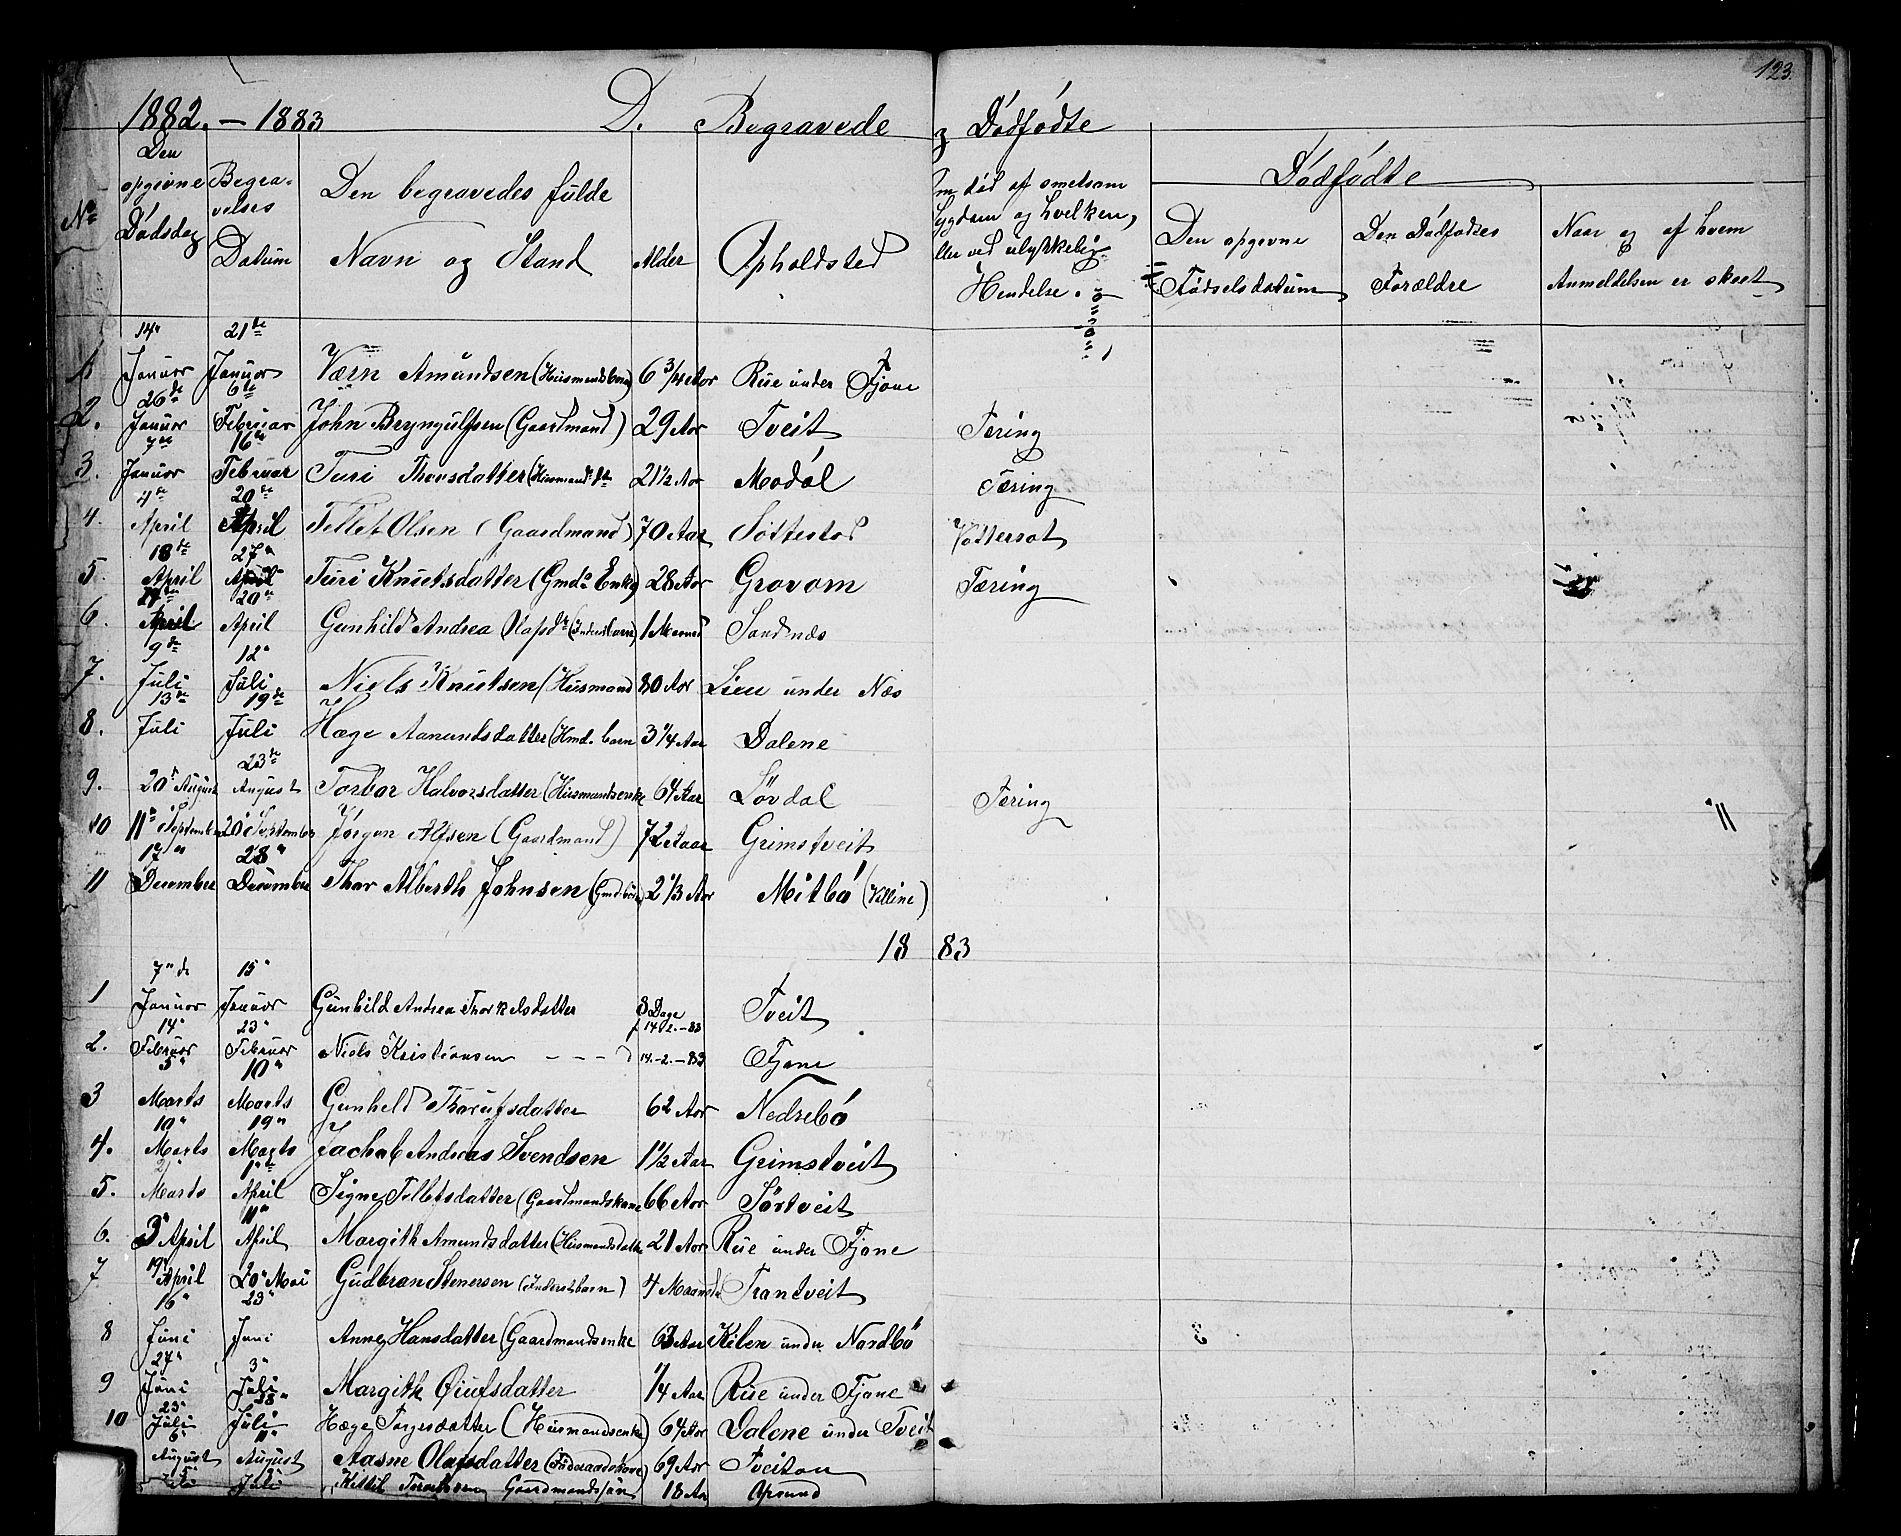 SAKO, Nissedal kirkebøker, G/Ga/L0002: Klokkerbok nr. I 2, 1861-1887, s. 123